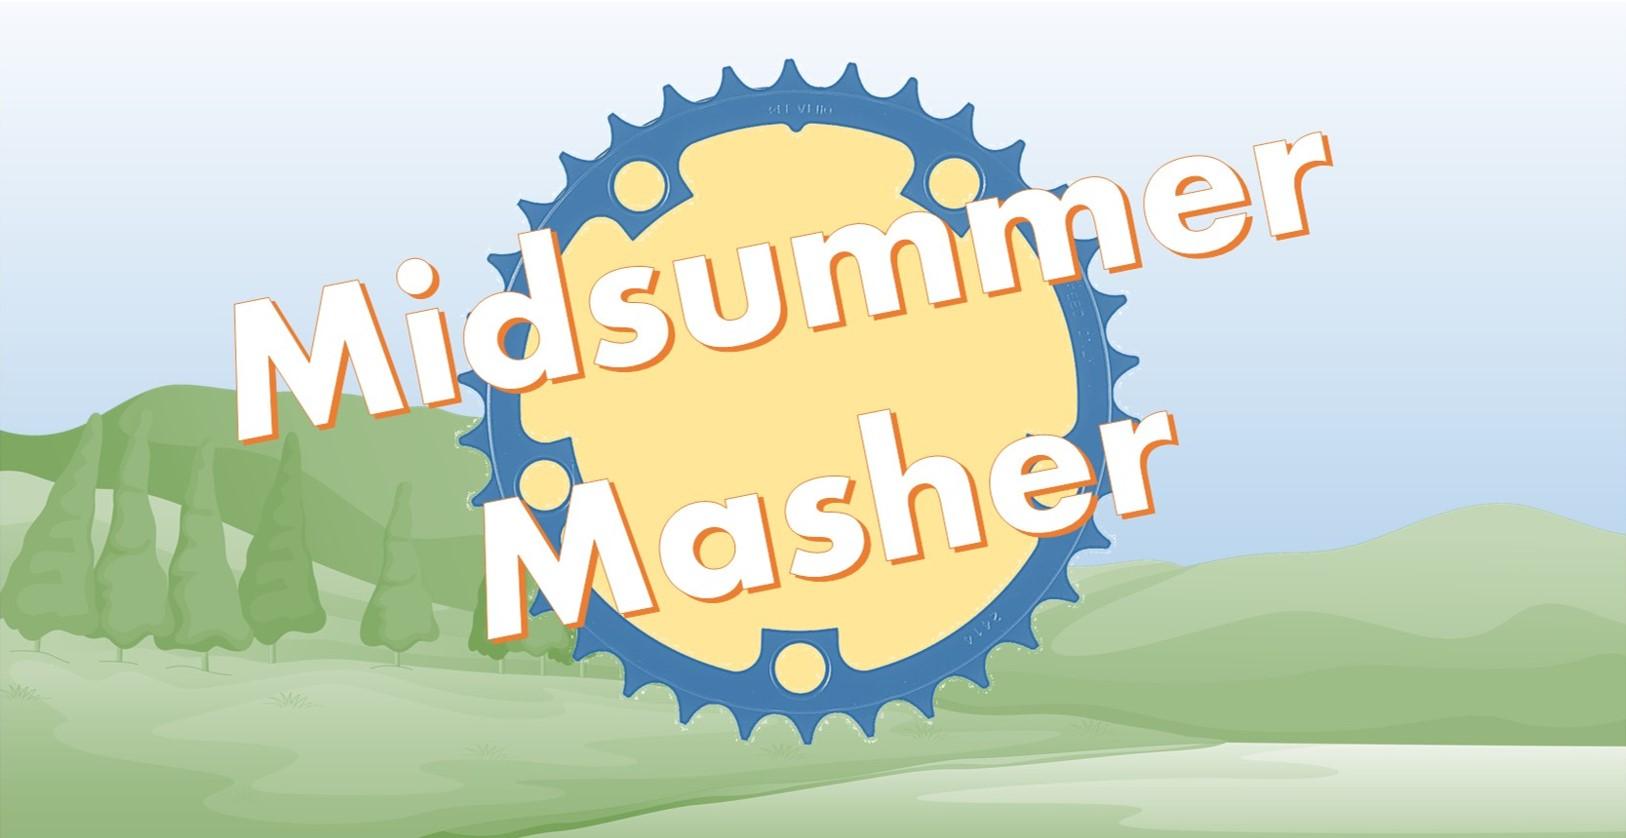 Midsummermasher logo[12864]